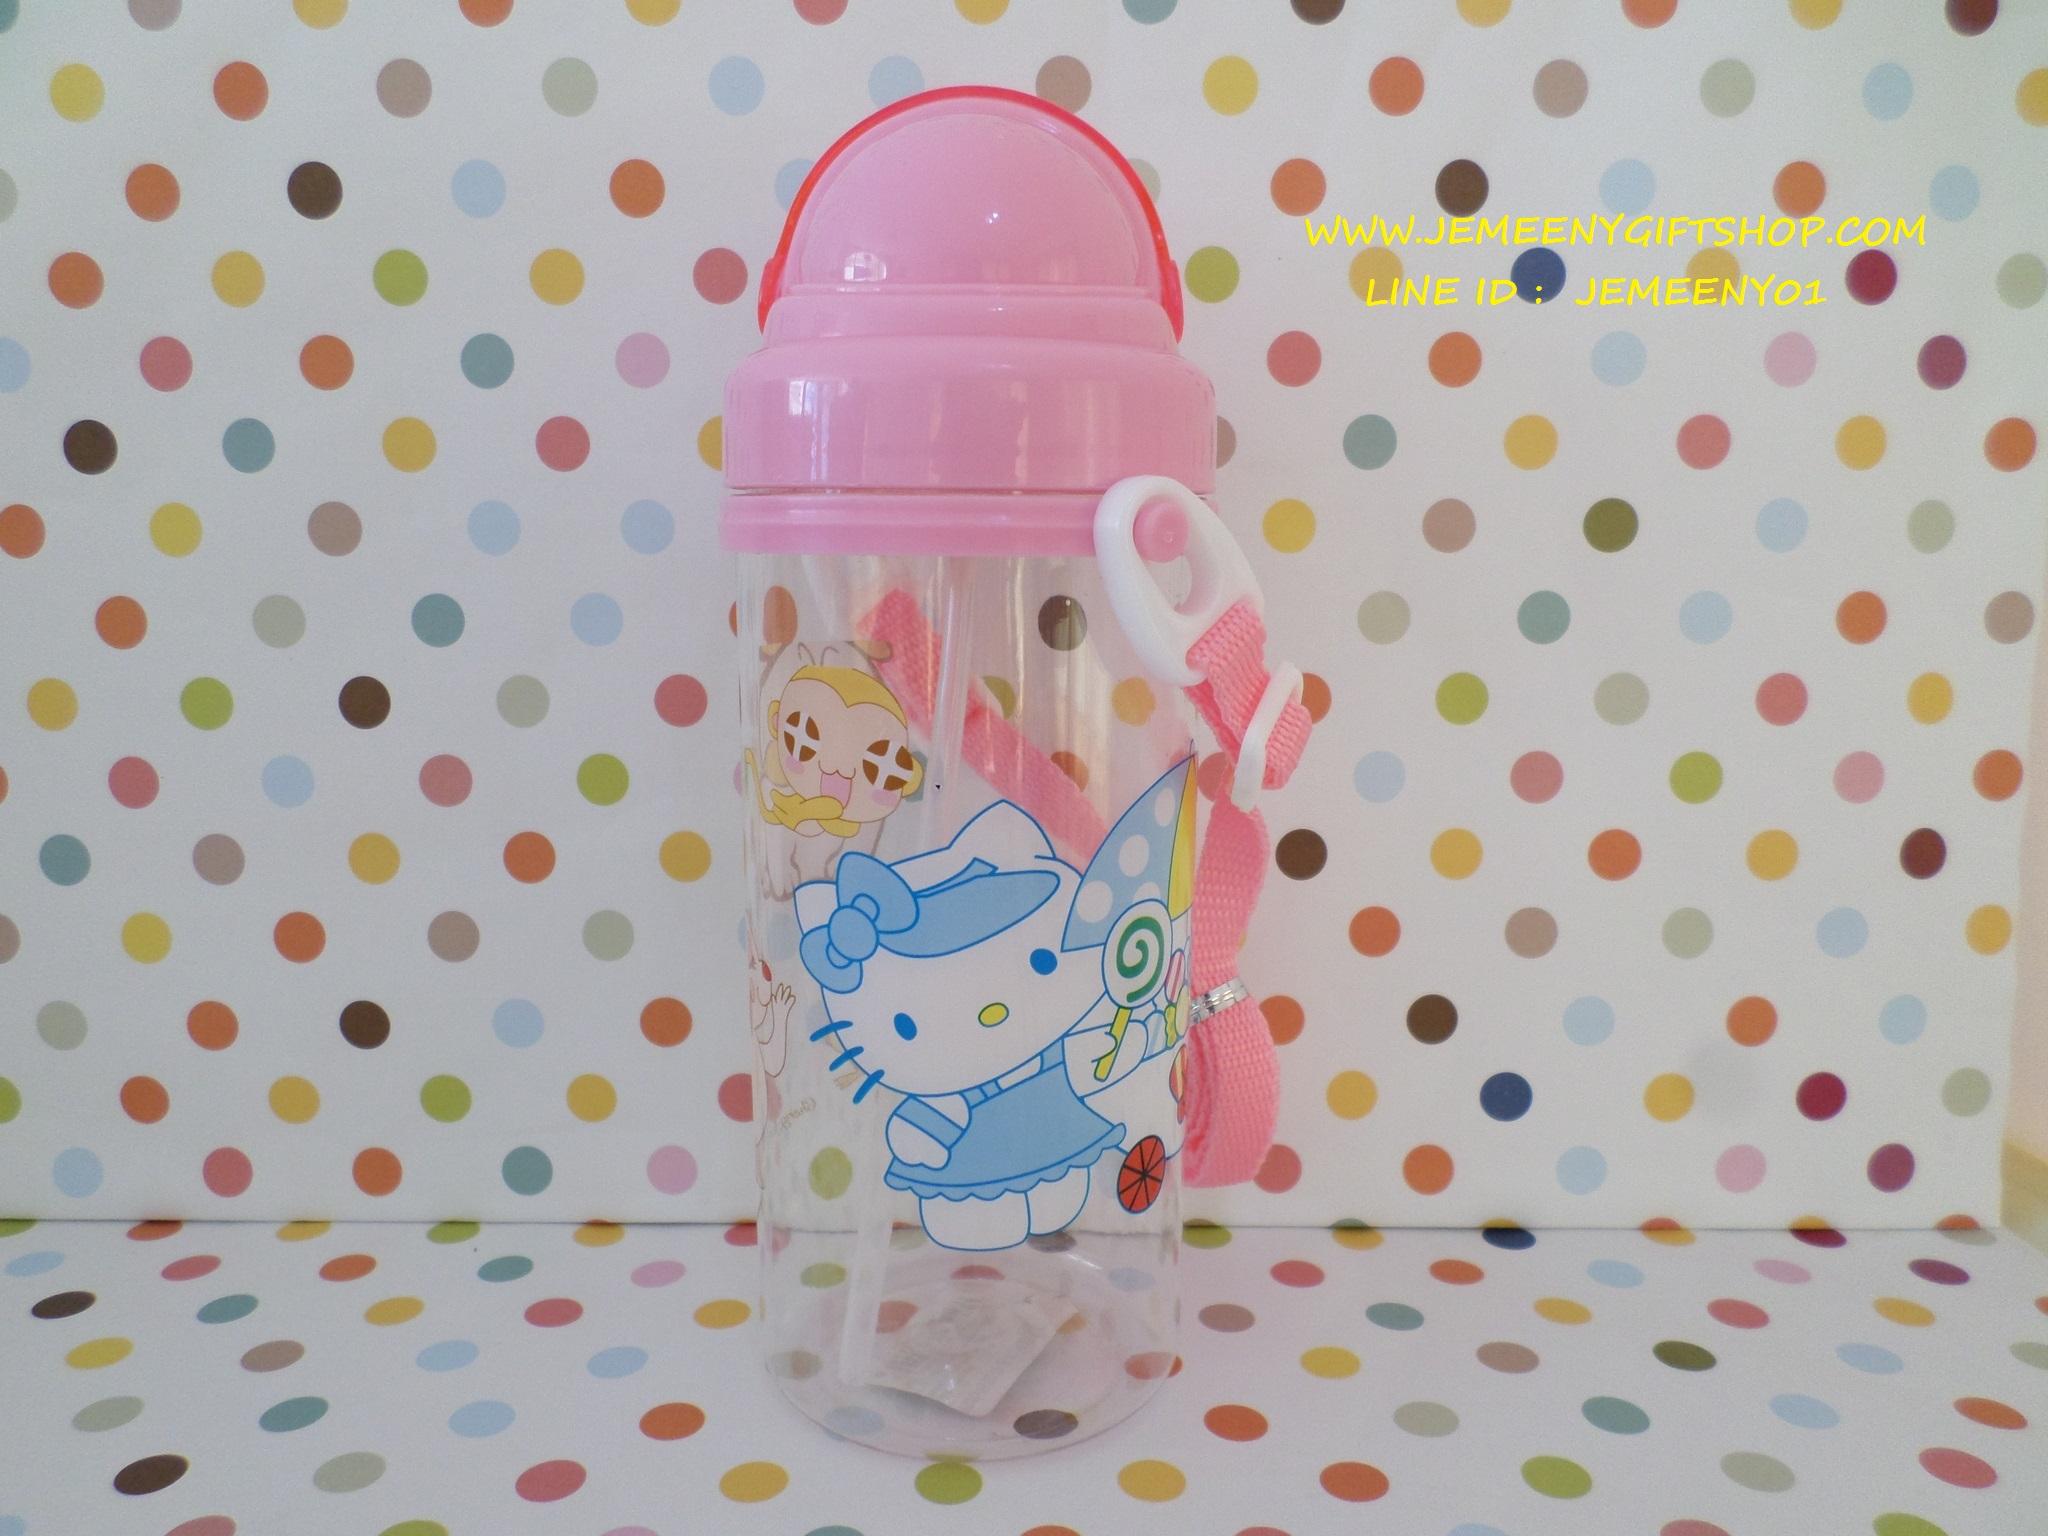 ขวดใส่น้ำดื่ม ฮัลโหลคิตตี้ Hello kitty ขนาดความจุ 450-500ml มีสายคล้องคอพร้อมหลอดดูด